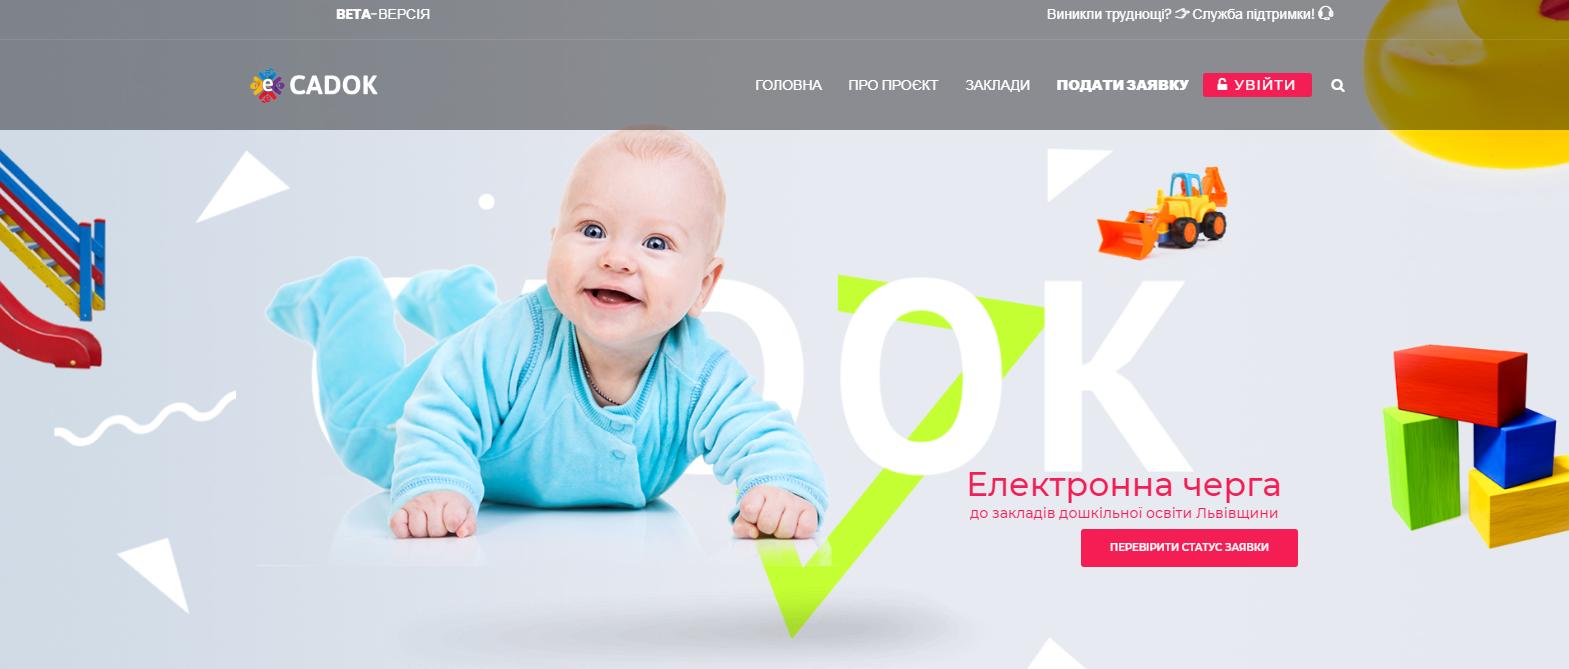 Тепер все прозоро! – На Львівщині запрацював новий електронний сервіс реєстрації дітей у садочки